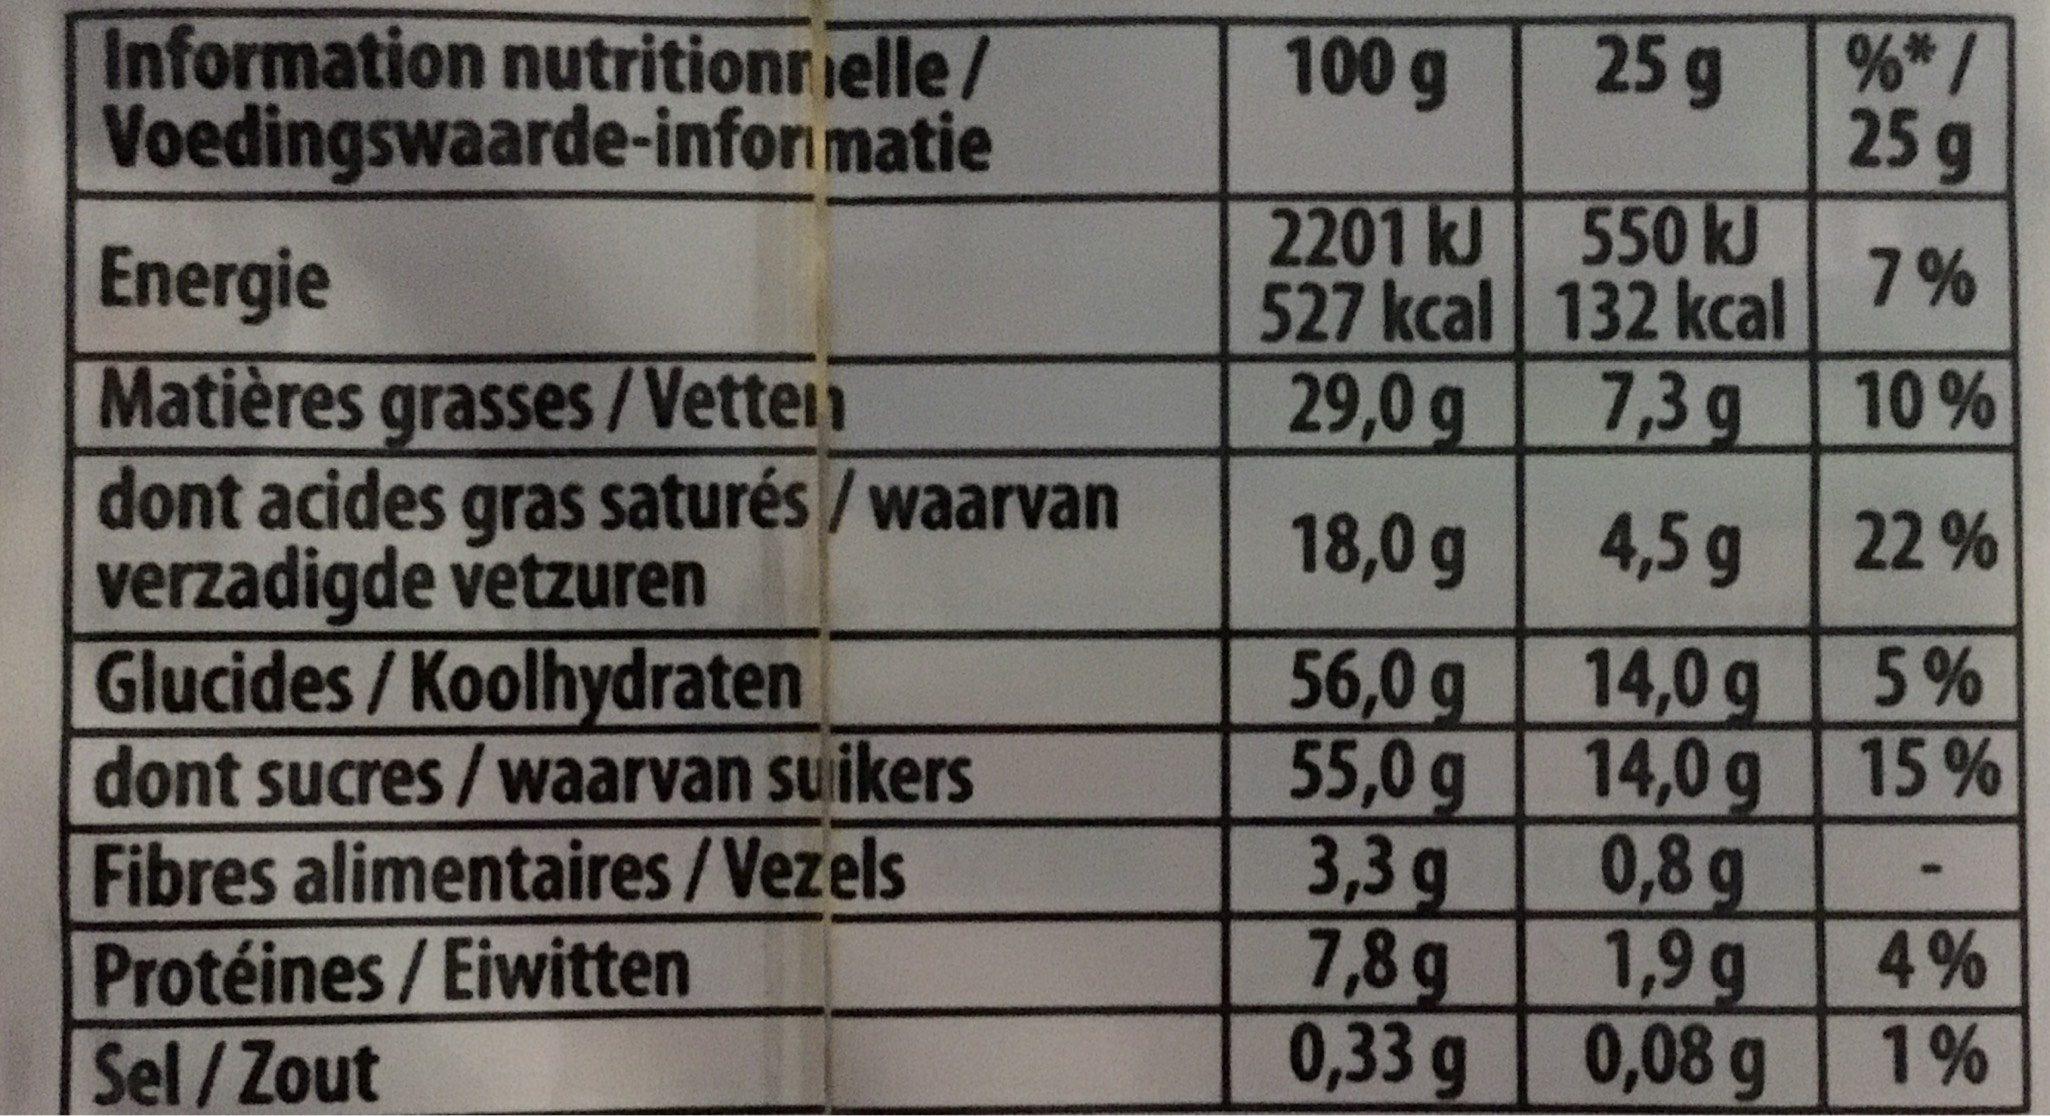 L'Original Lait - Nutrition facts